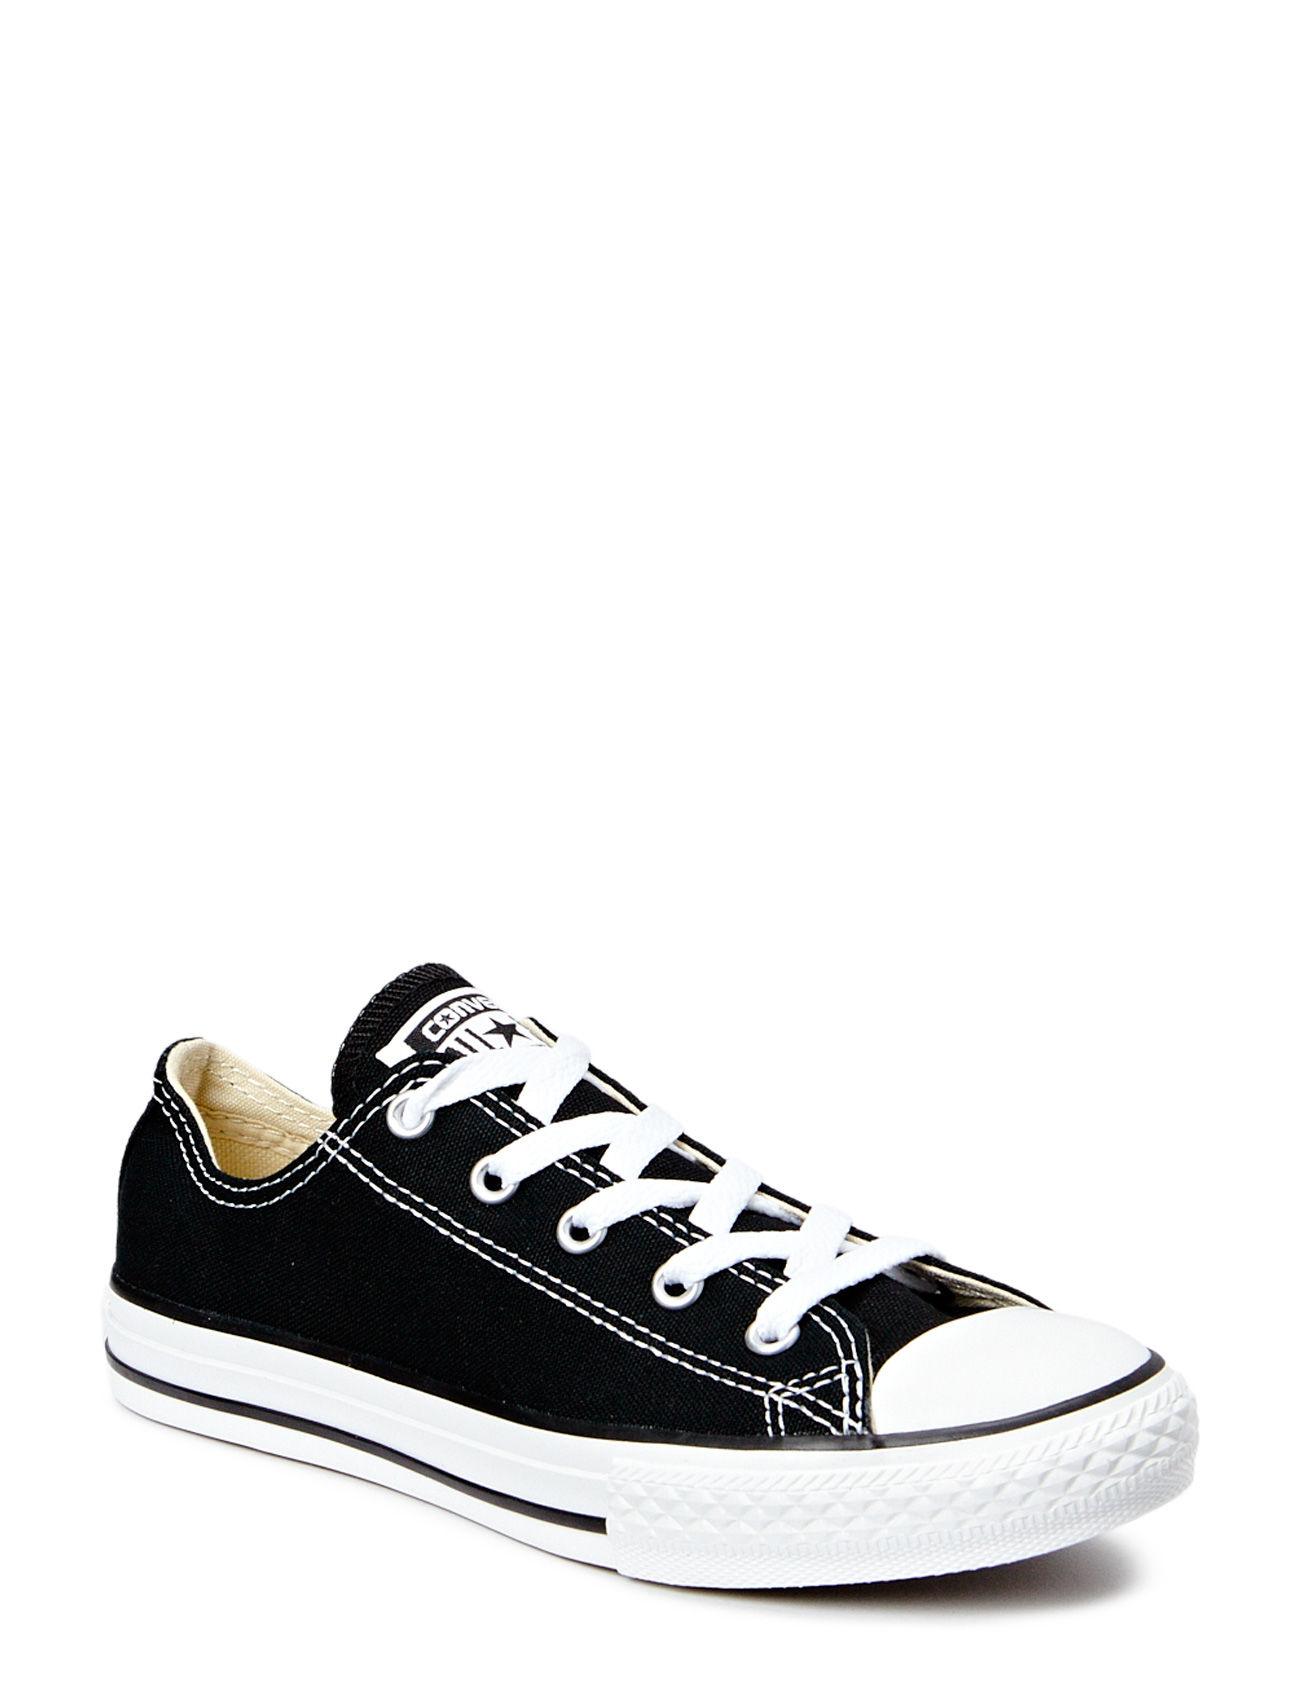 0a2c457d54f5 Yths C t Allstar Ox (Black) (33.75 €) - Converse -